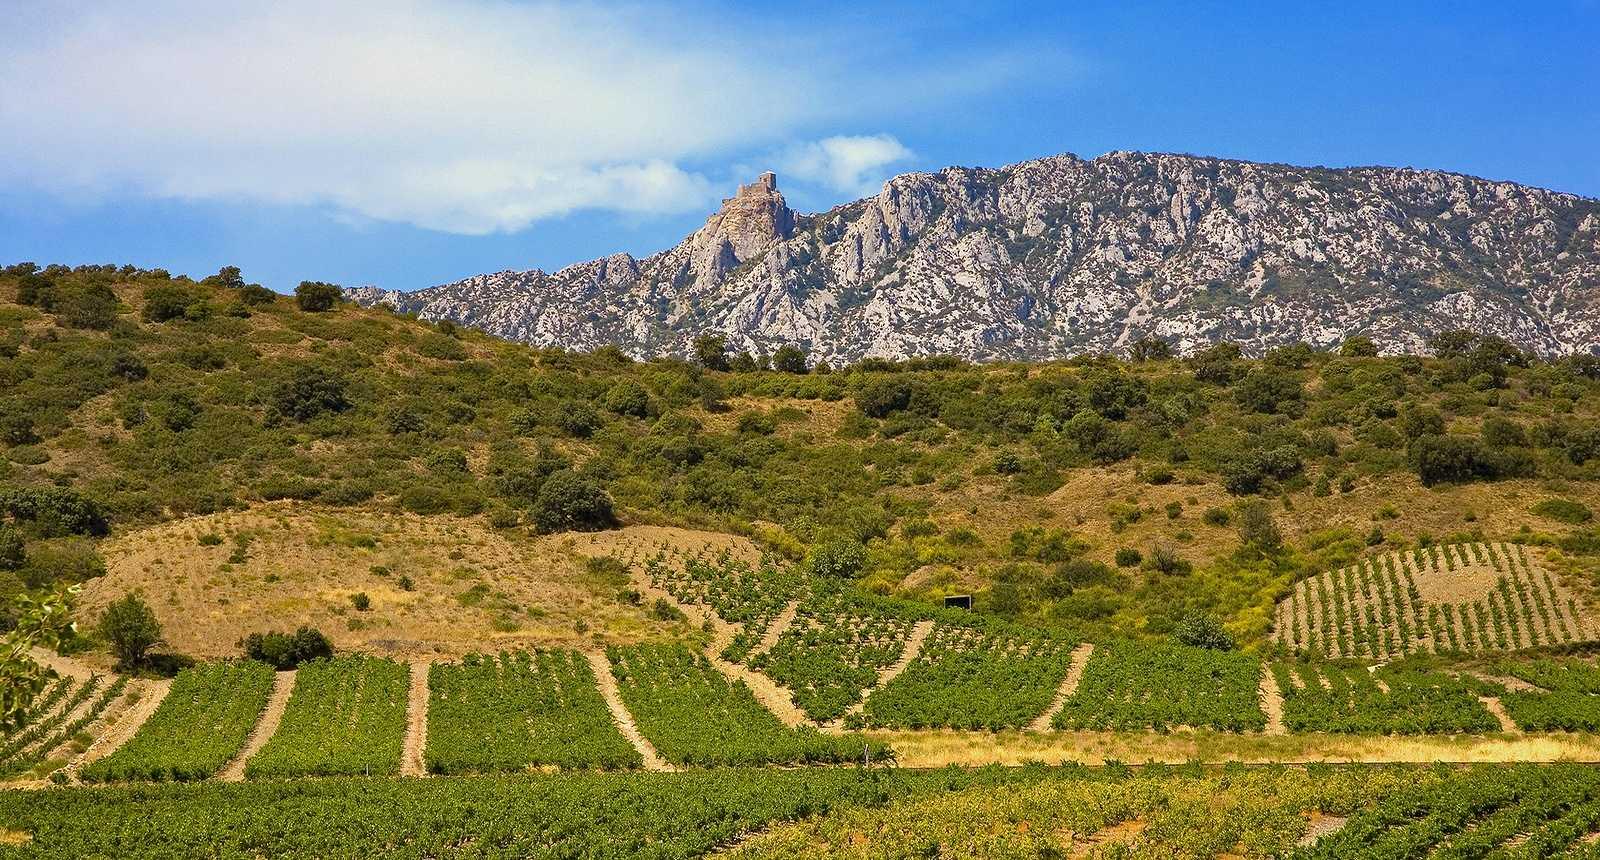 Le château cathare de Queribus, derrière les vignes...